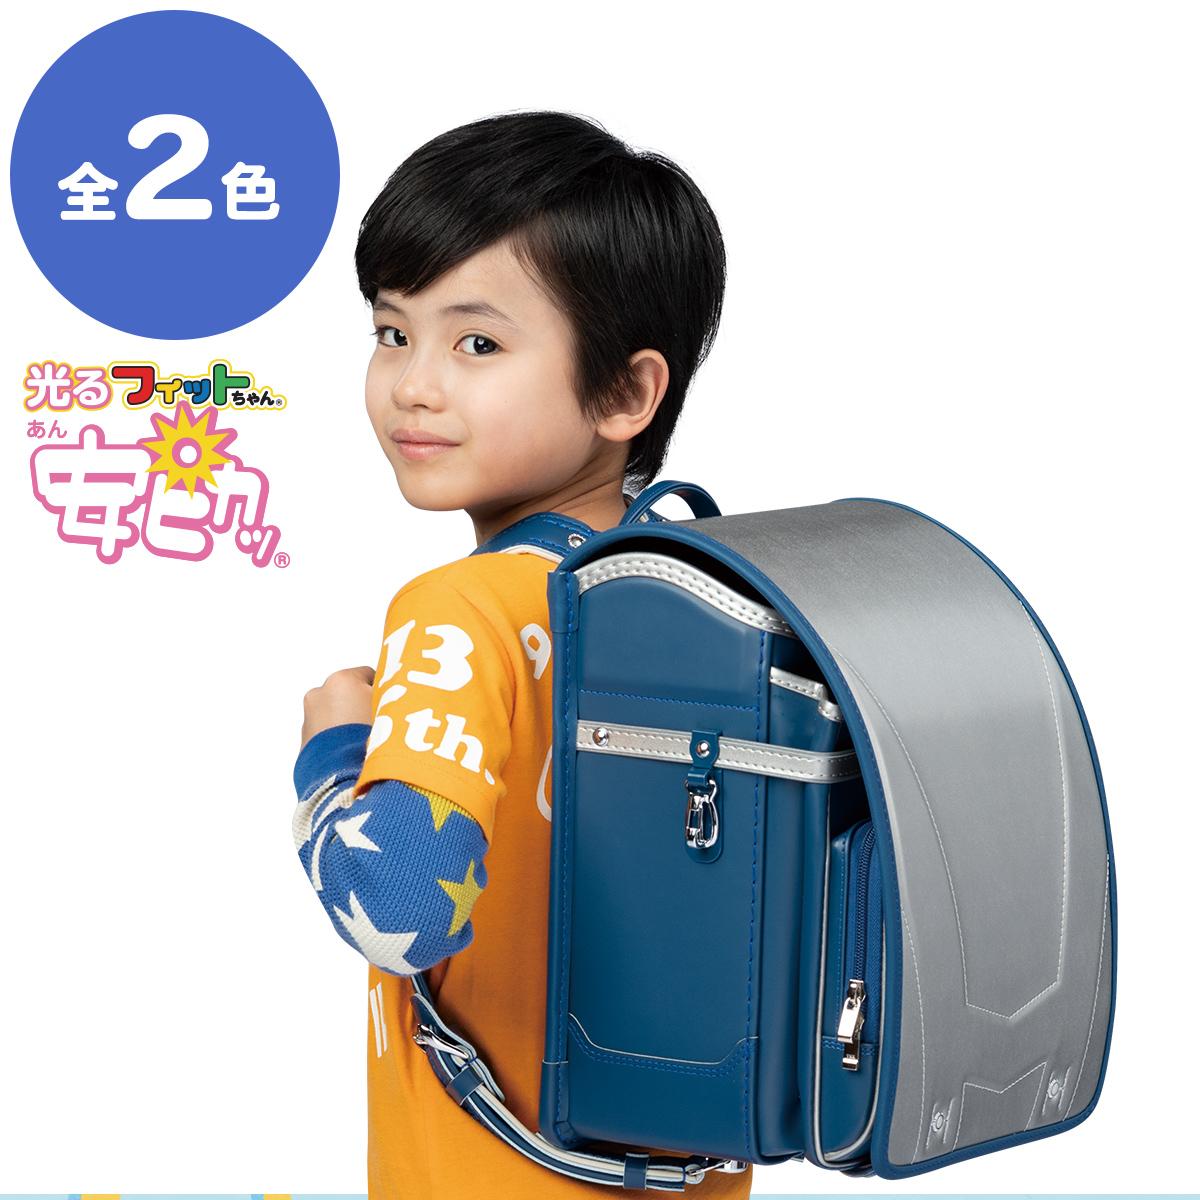 フィットちゃん 男の子 ハンサムボーイ 安ピカッタイプ(FIT-211AZ)2020年モデル フィットちゃんランドセルA4フラットファイル収納サイズ